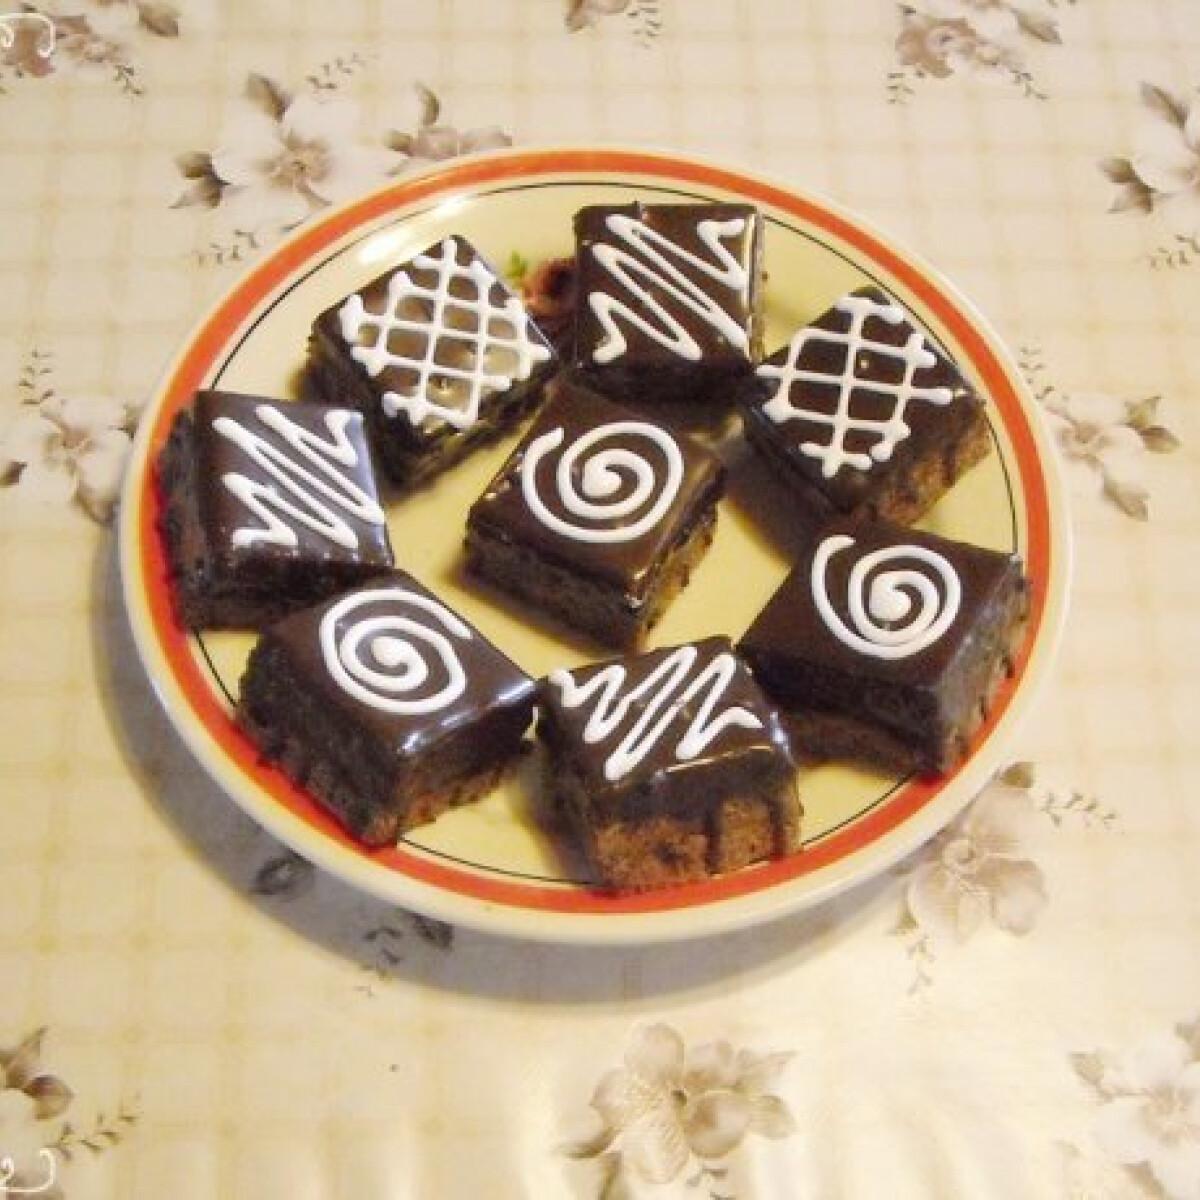 Csokis kocka Nikóka